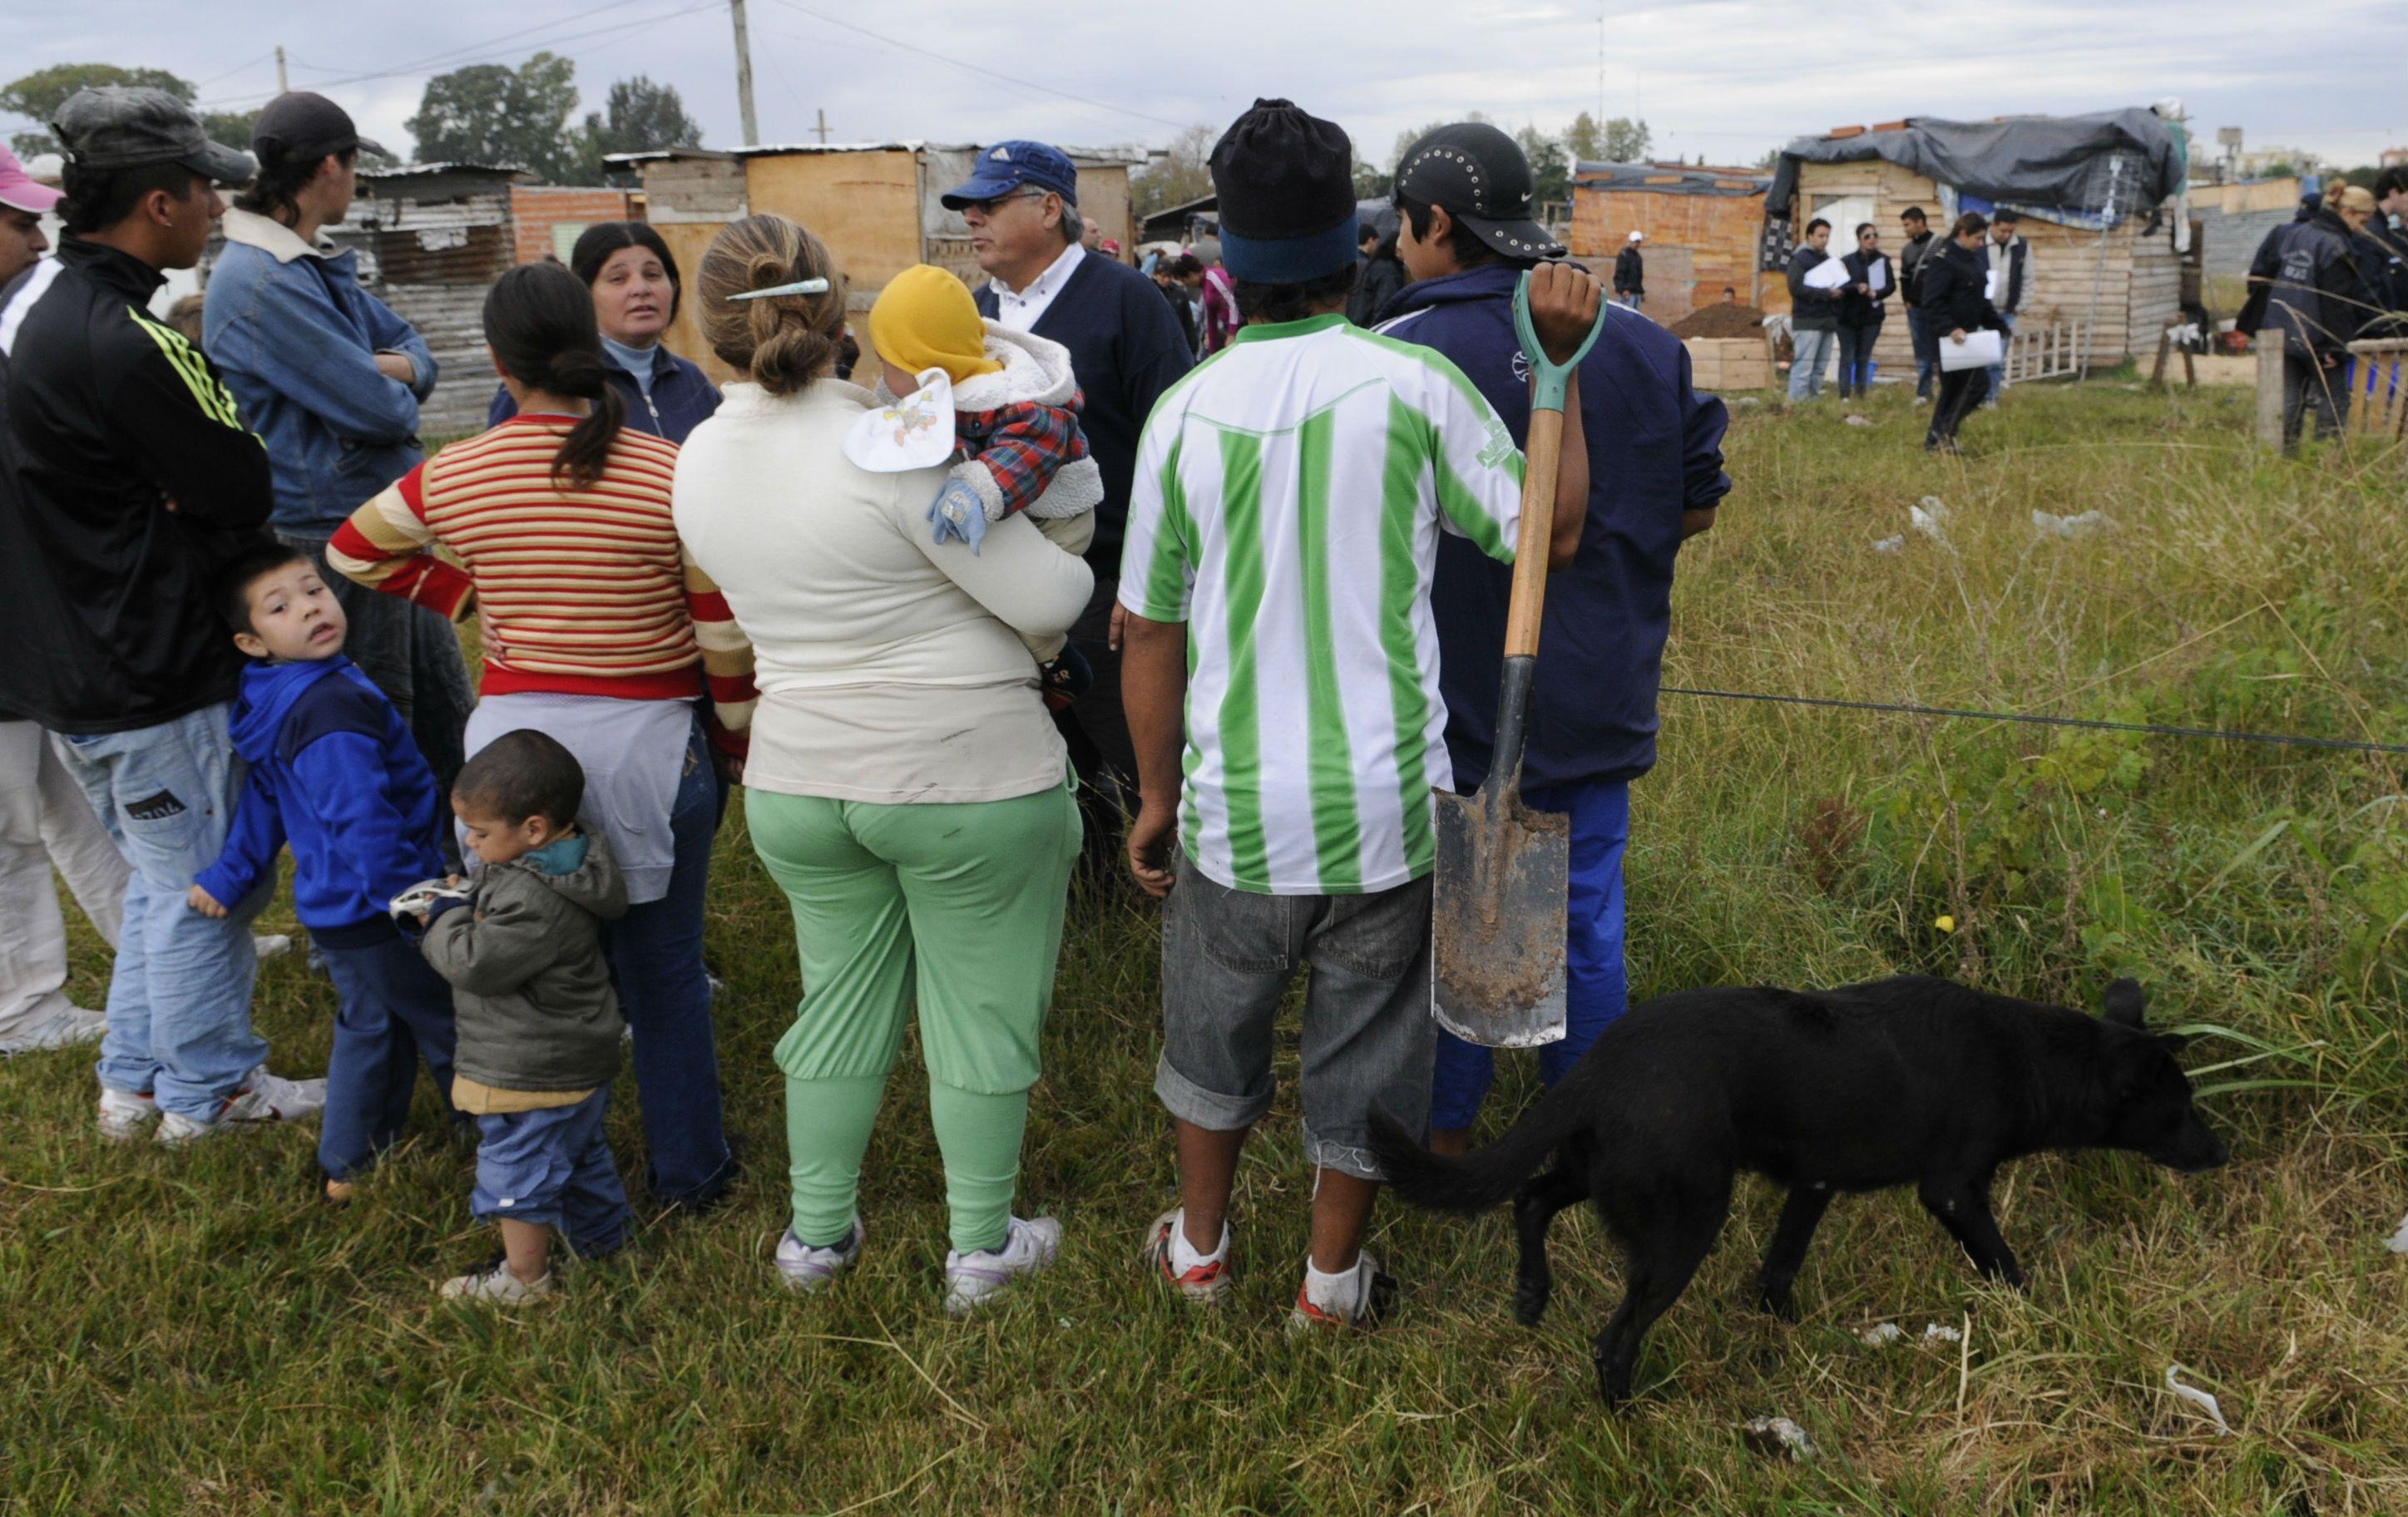 Un grupo de familias ocupó esta mañana los terrenos ubicados frente a la viviendas levantadas en la llamada Zona Cero.